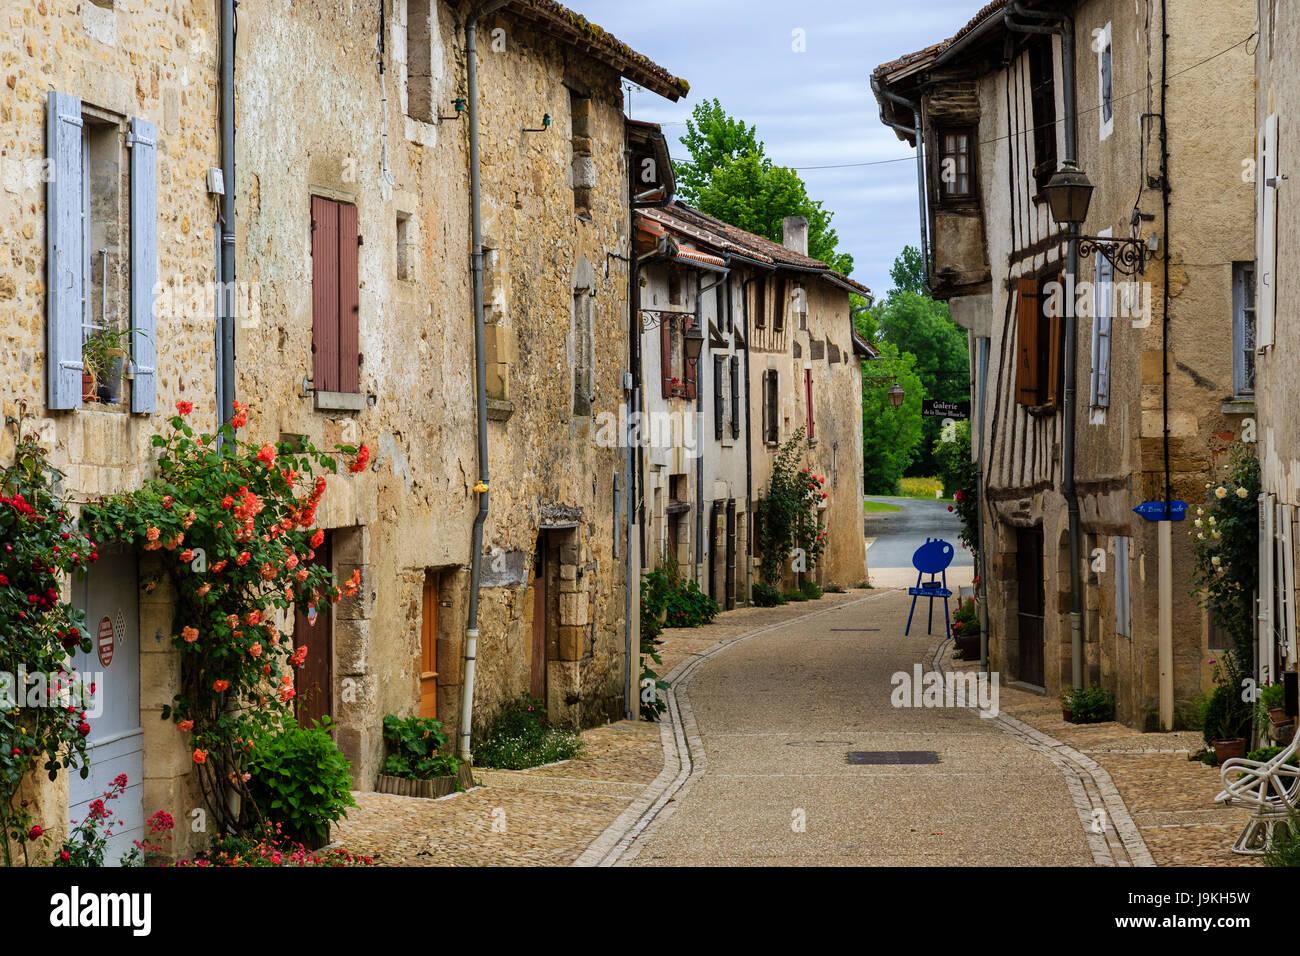 France, Dordogne, Saint Jean de Cole, labelled Les Plus Beaux Villages de France (The Most beautiful Villages of - Stock Image